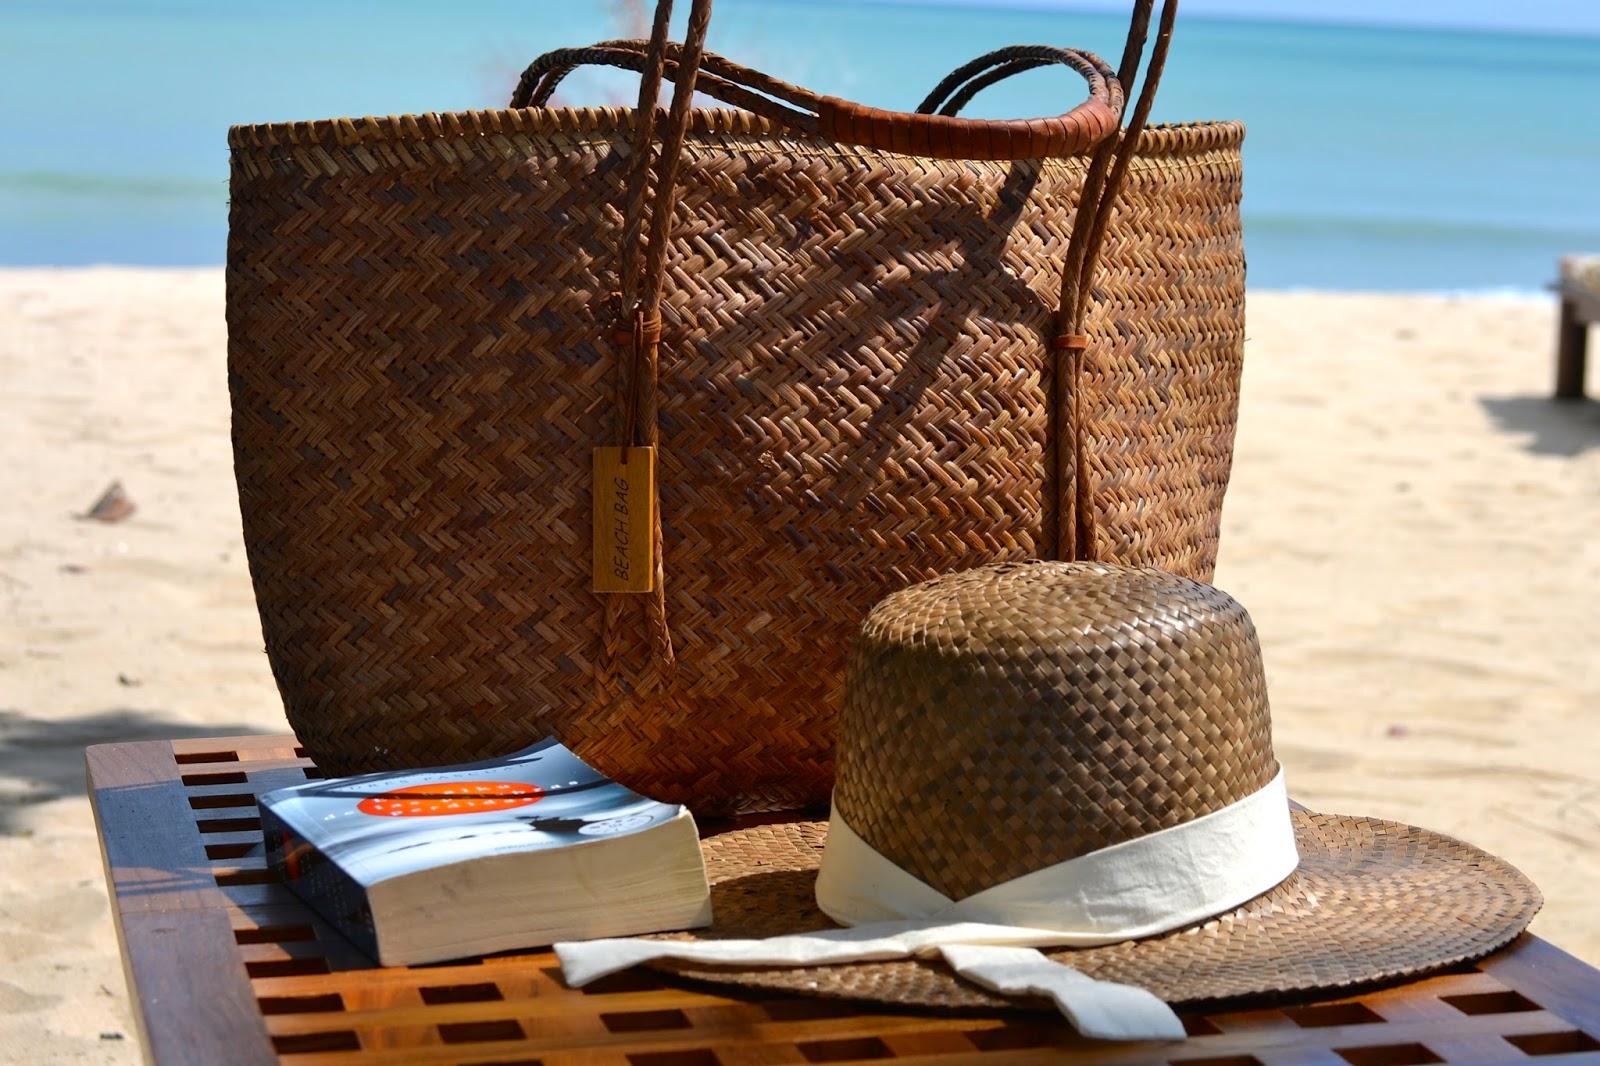 accesorios de playa, sombrero y capazo de paja